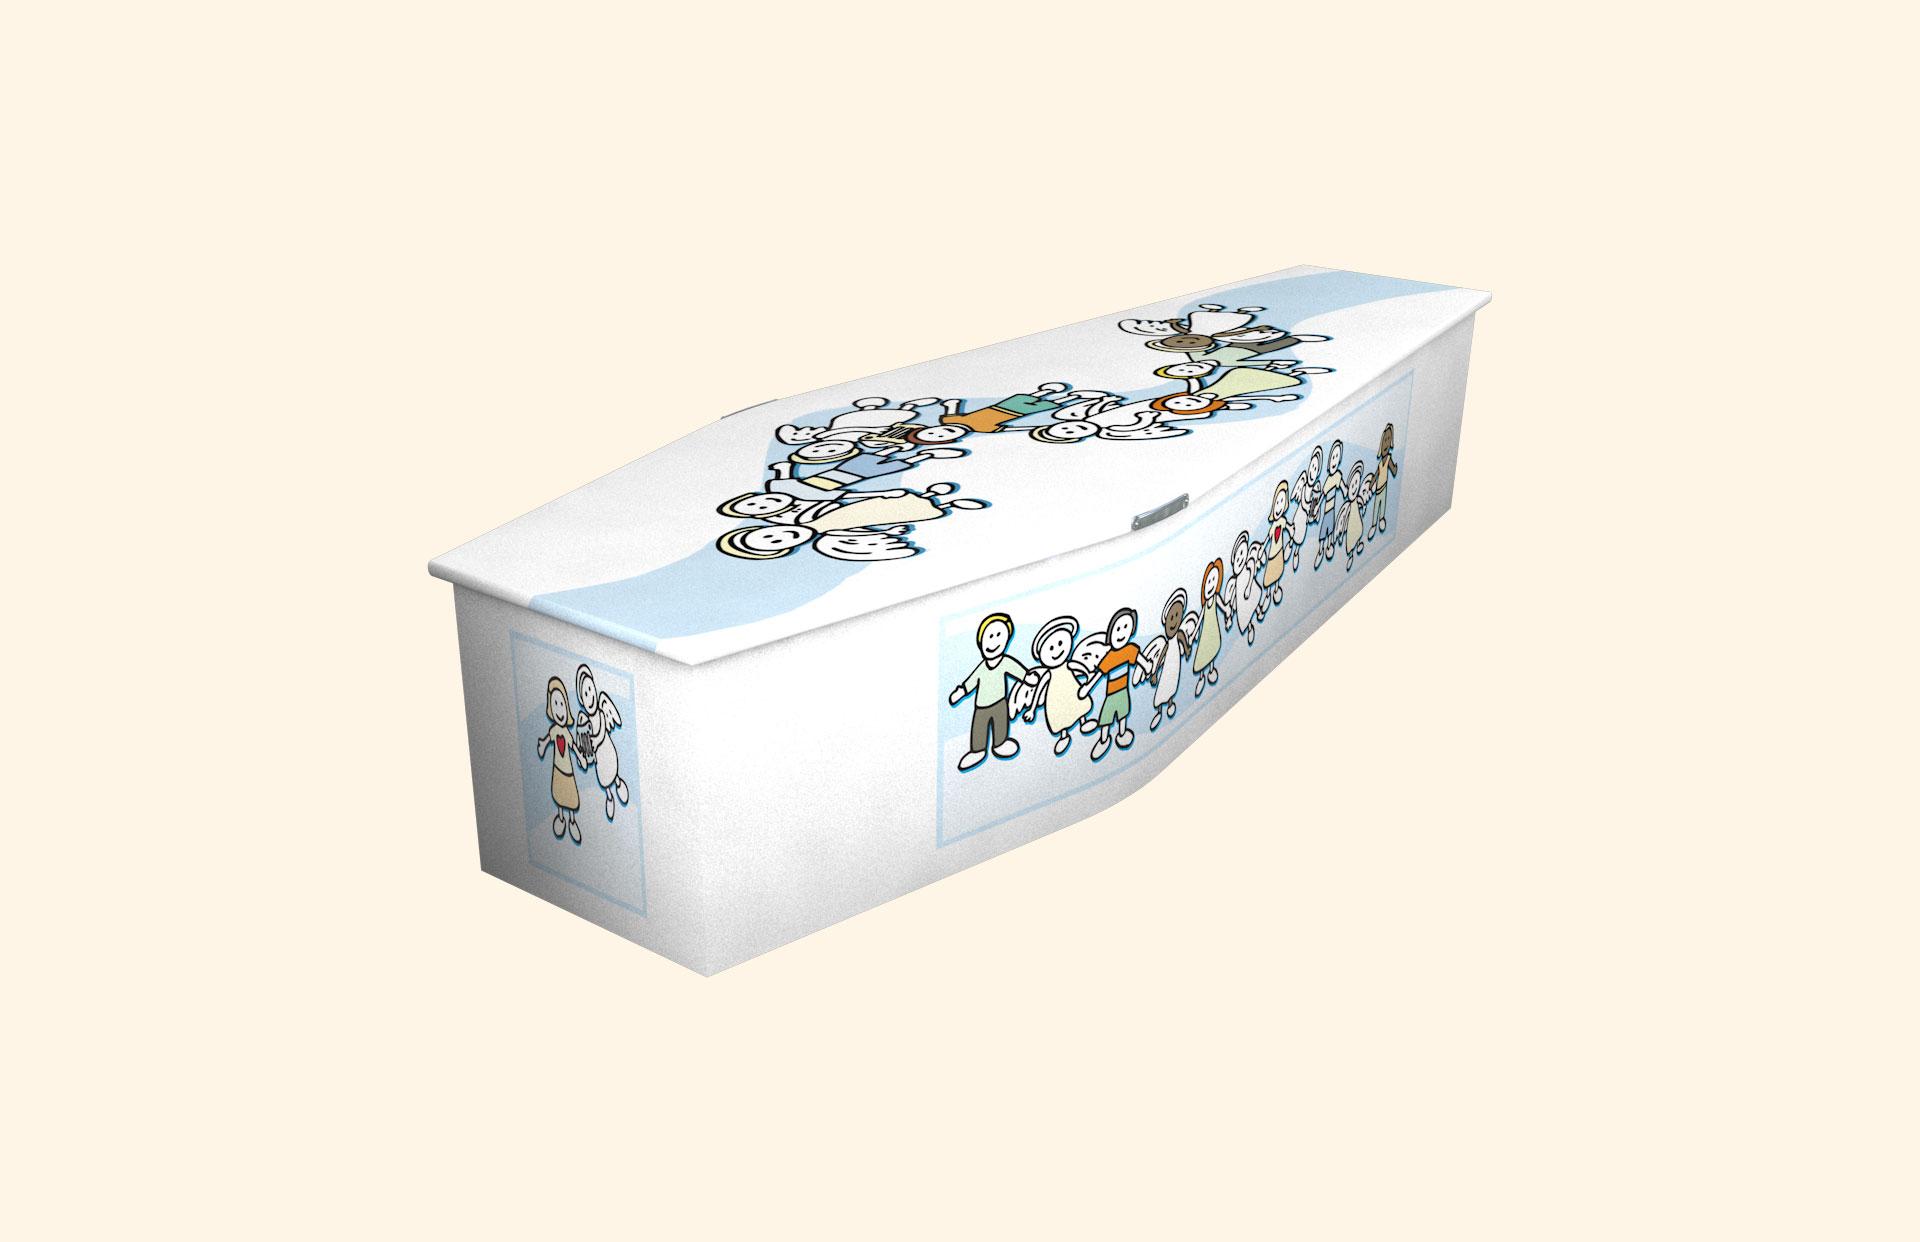 New Angel Blue child coffin